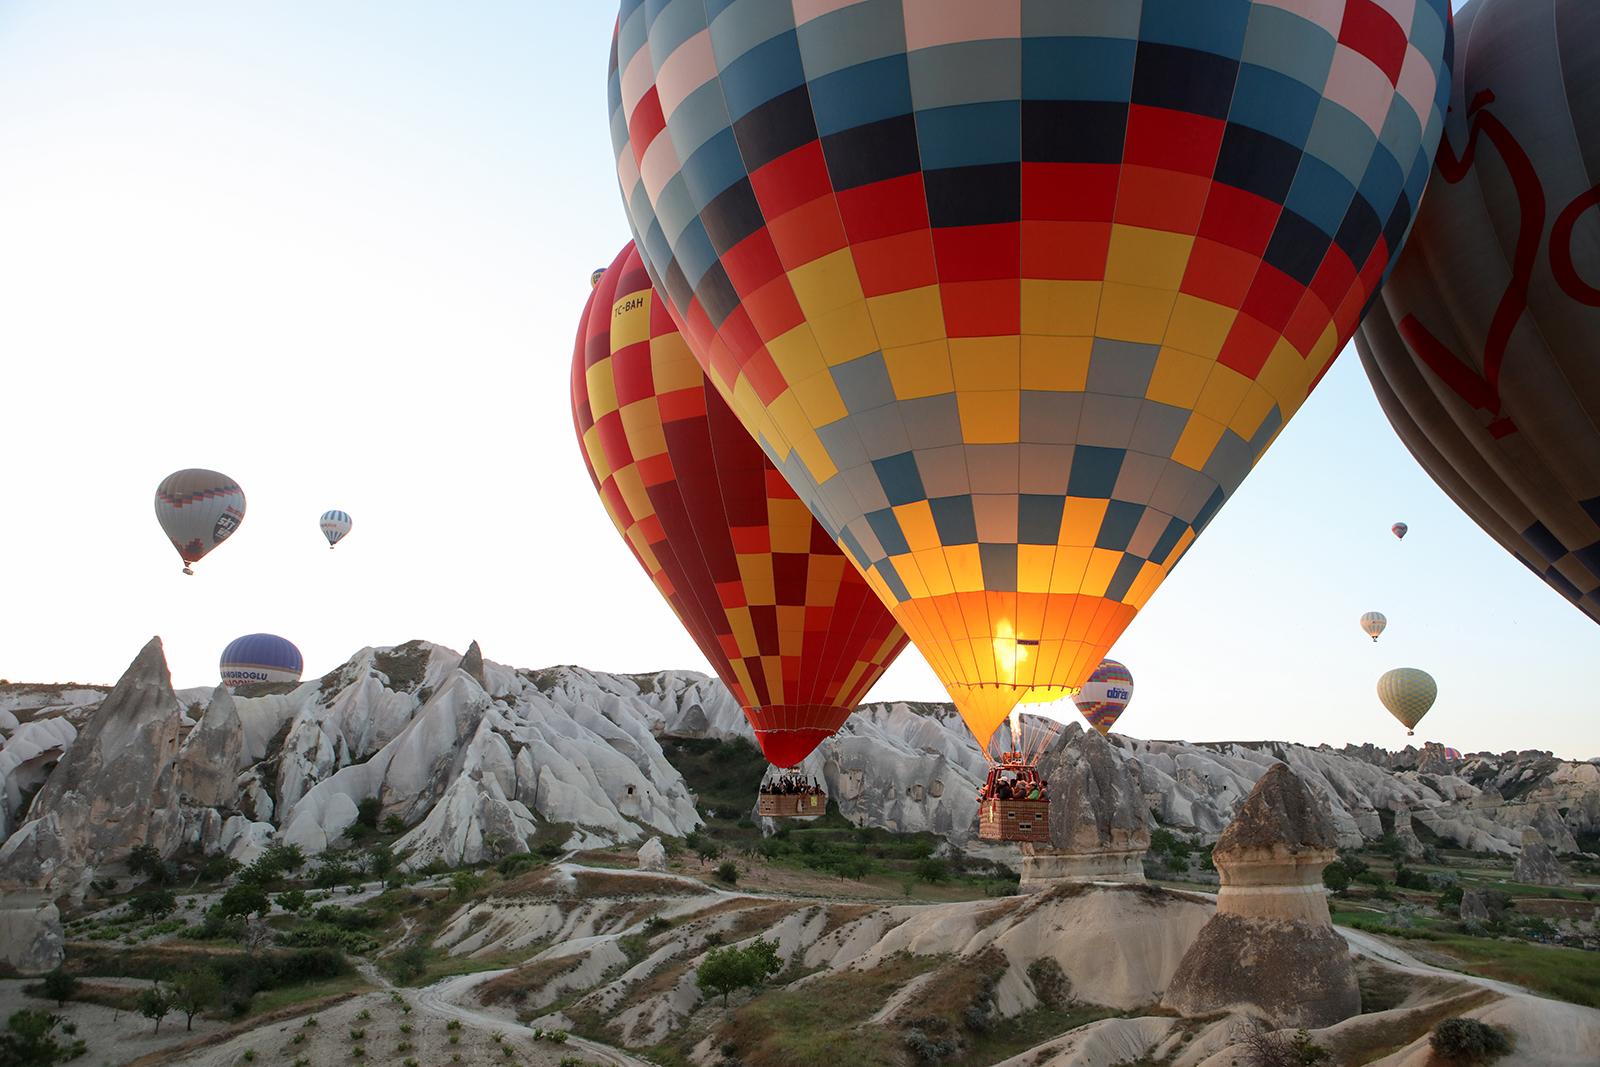 Quelle agence pour un vol en montgolfière en Cappadoce ?